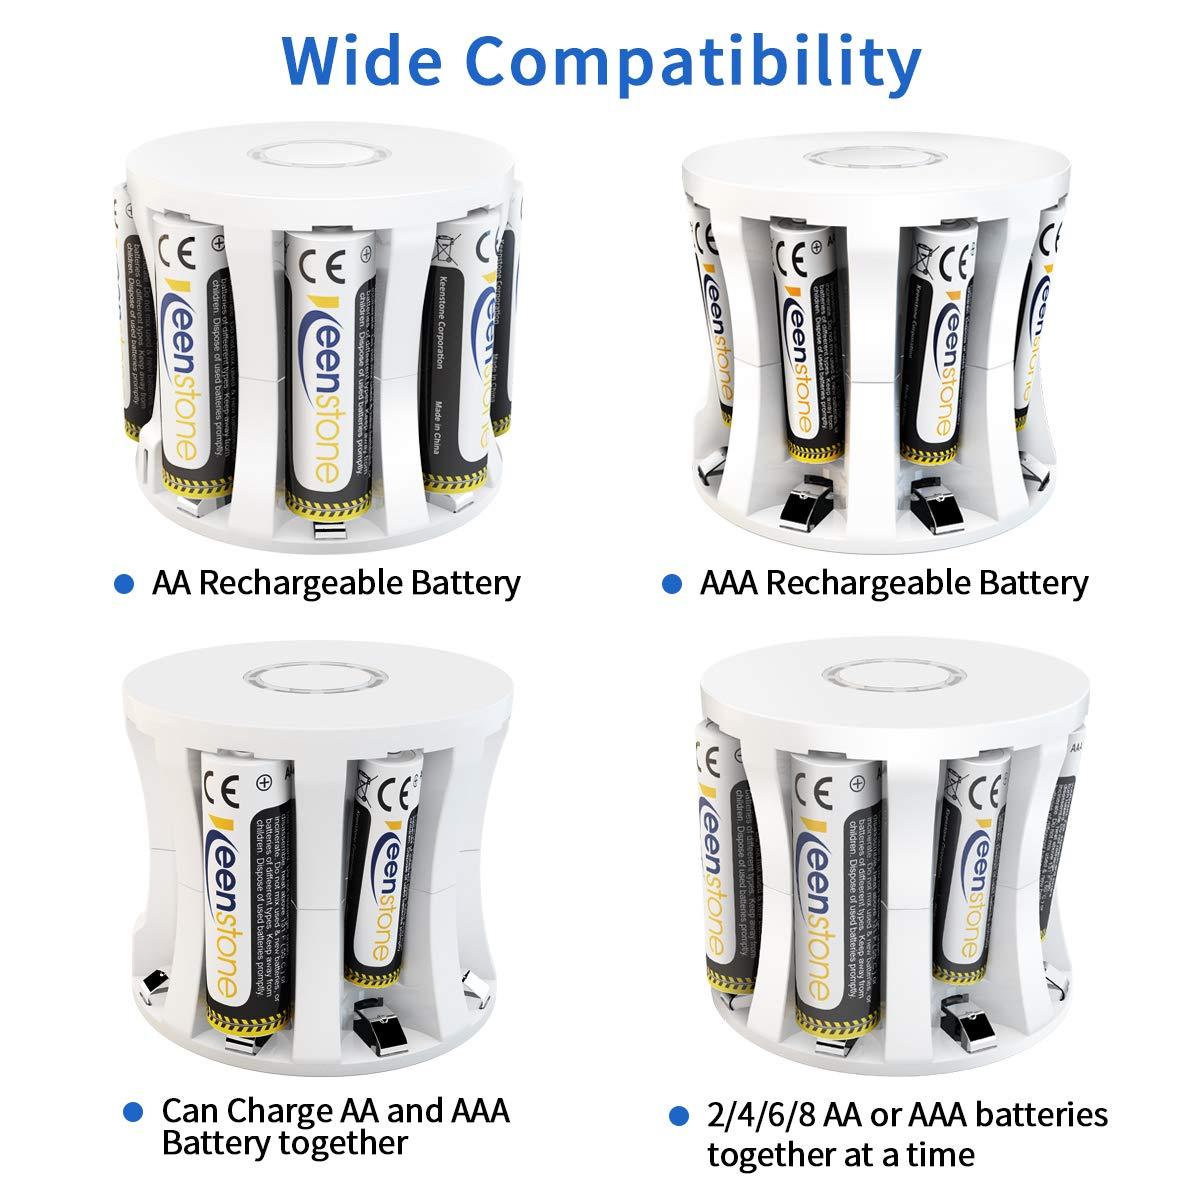 Keenstone AAA Batterie Rechargeable,1.2V 1100mAh Batteries NiMH Charge 1500 Fois avec Chargeur à 8 Emplacements, Idéal pour Lampe de Poche Jouet Electrique et etc(8PCS)